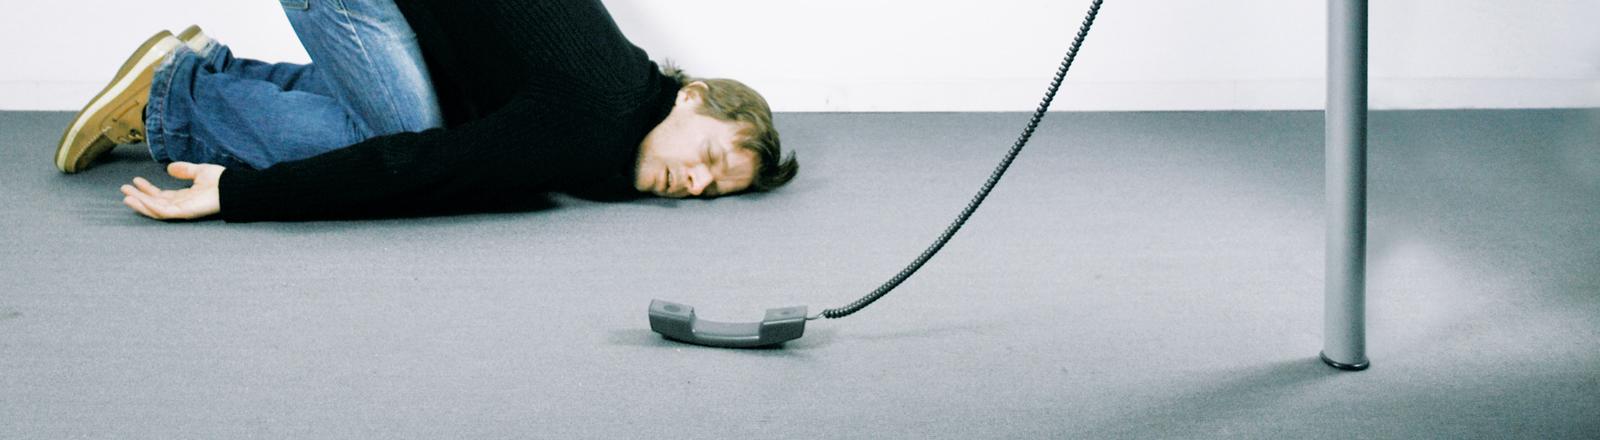 Schlafender Mann vor einem Schreibtisch